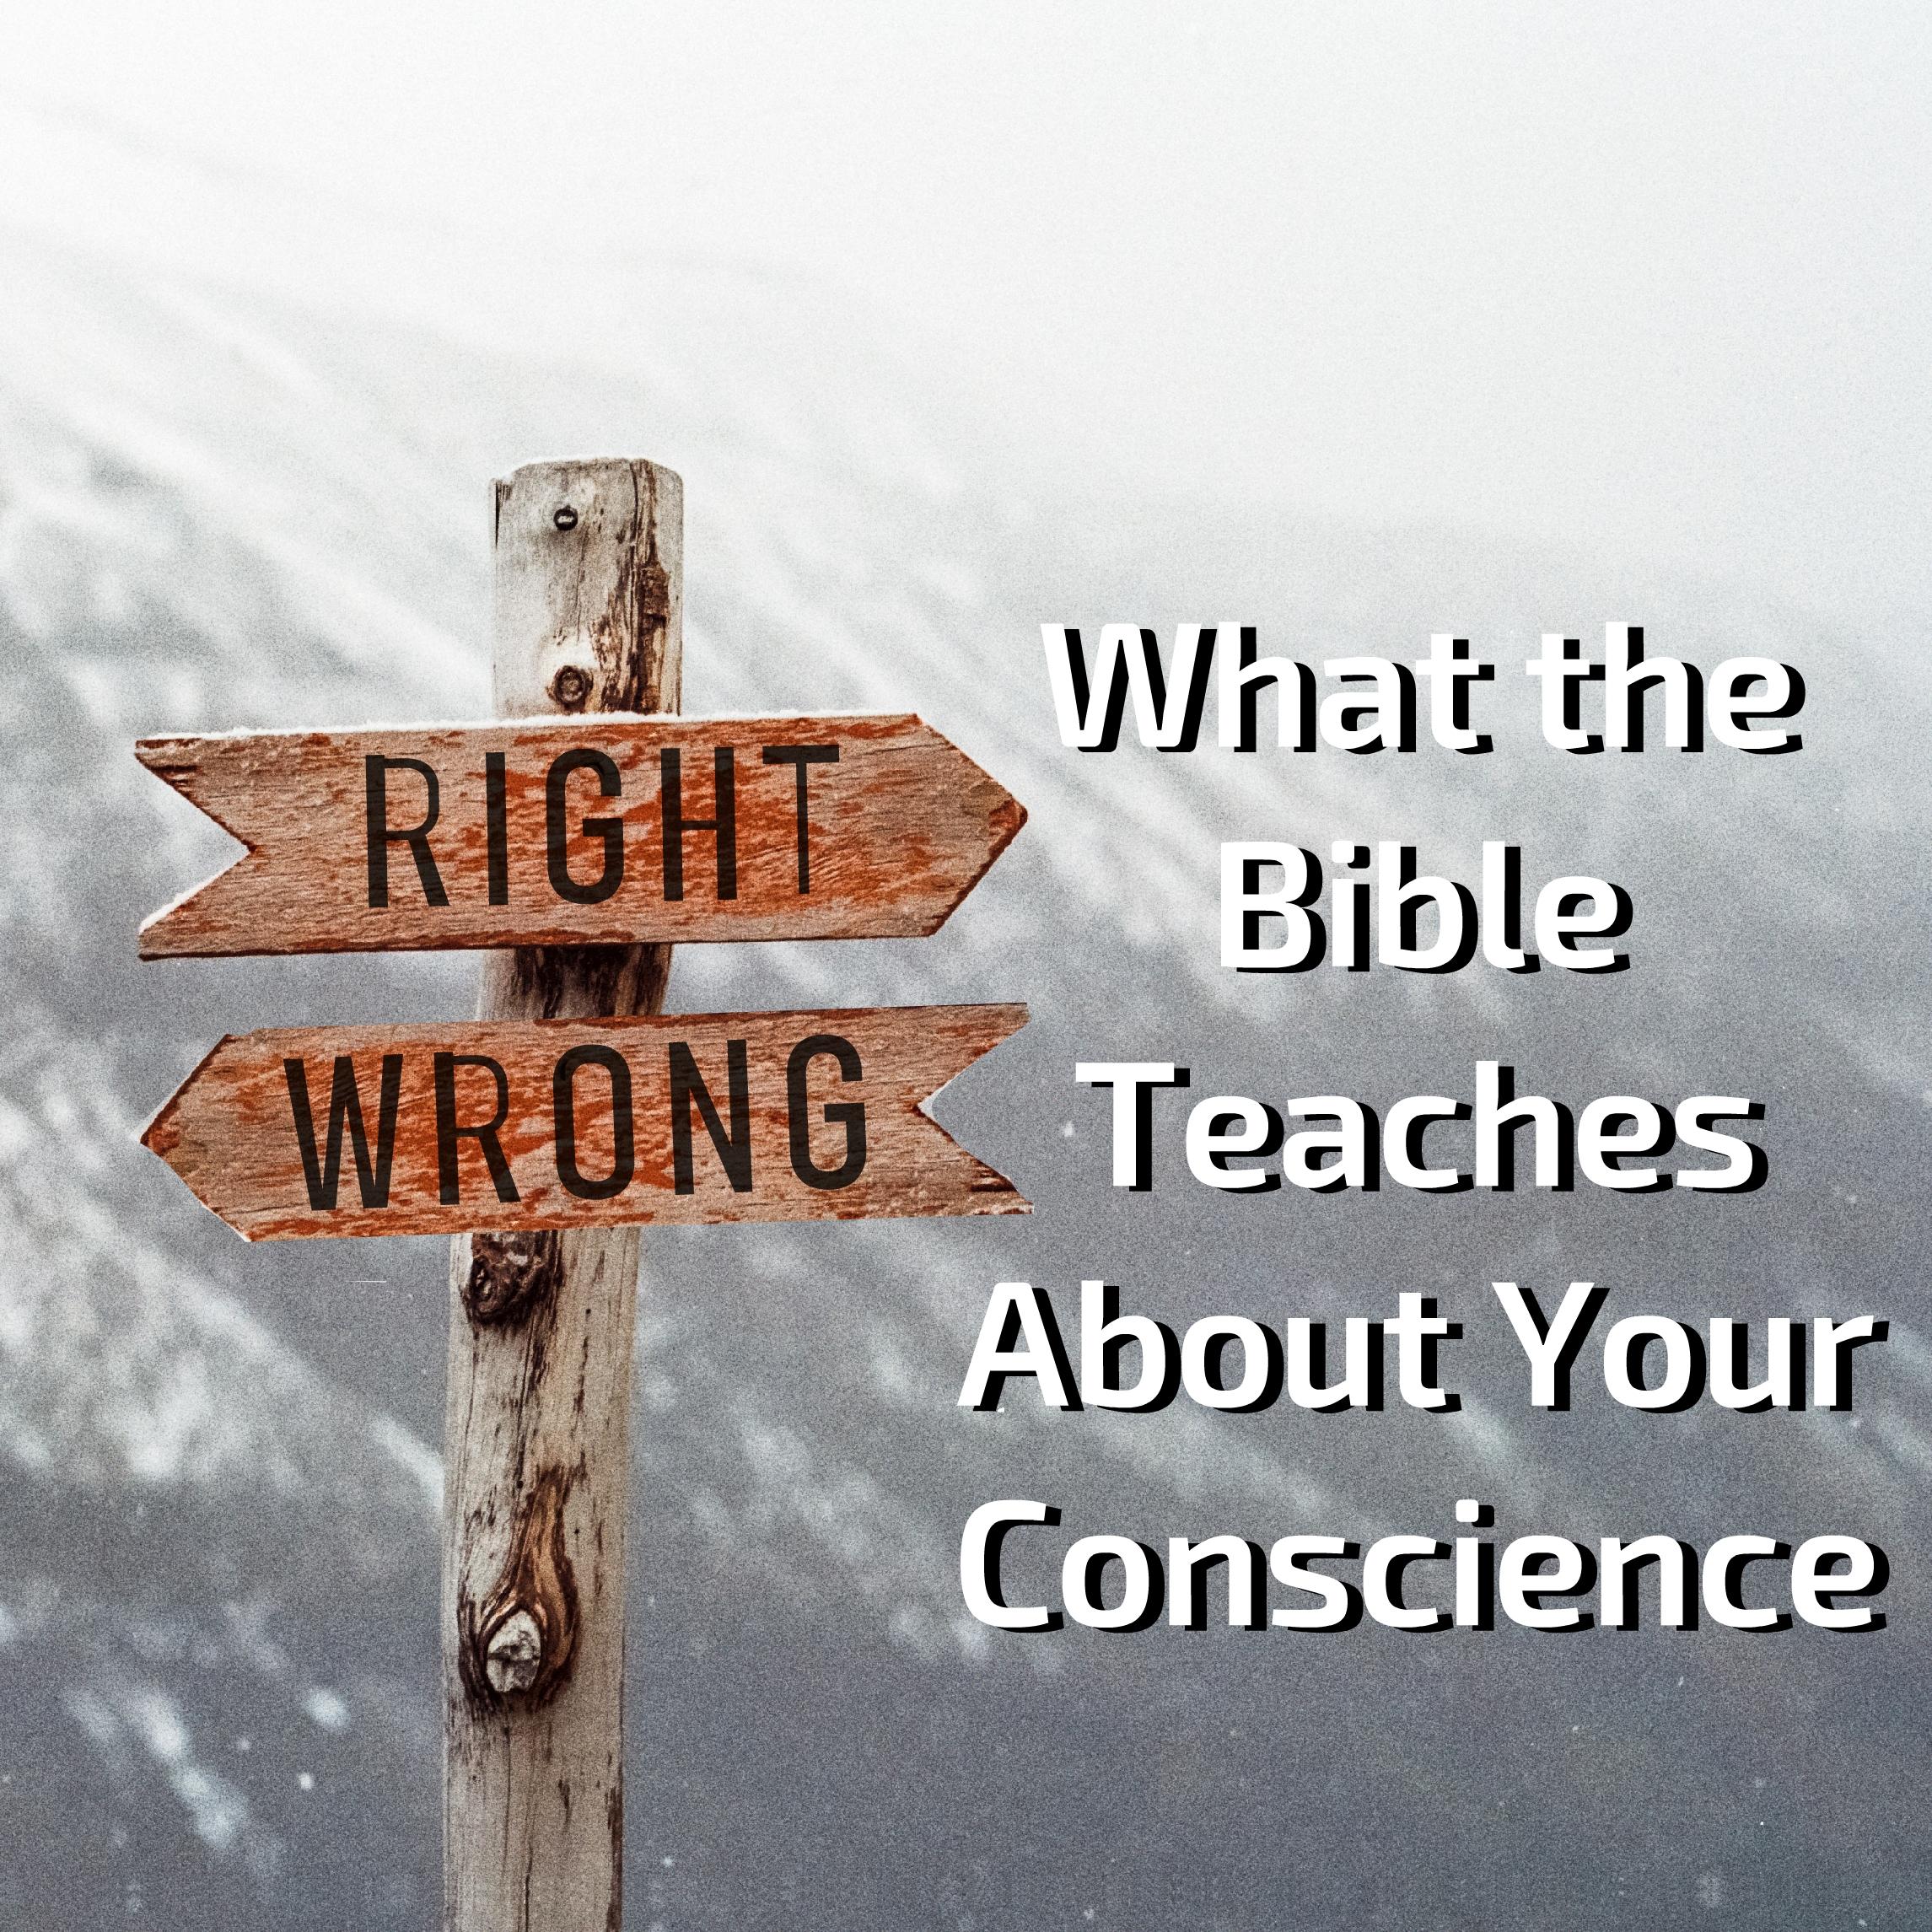 conscience1.jpg